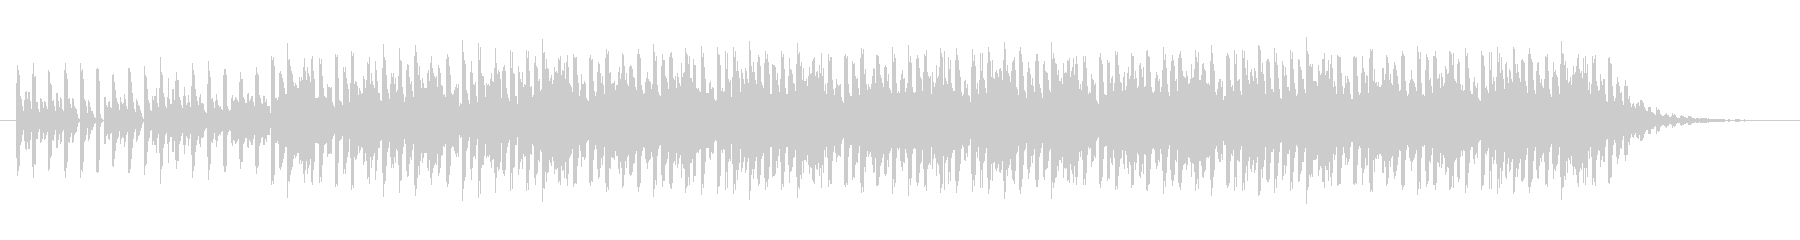 ショートBGM:テクノポップ01の未再生の波形